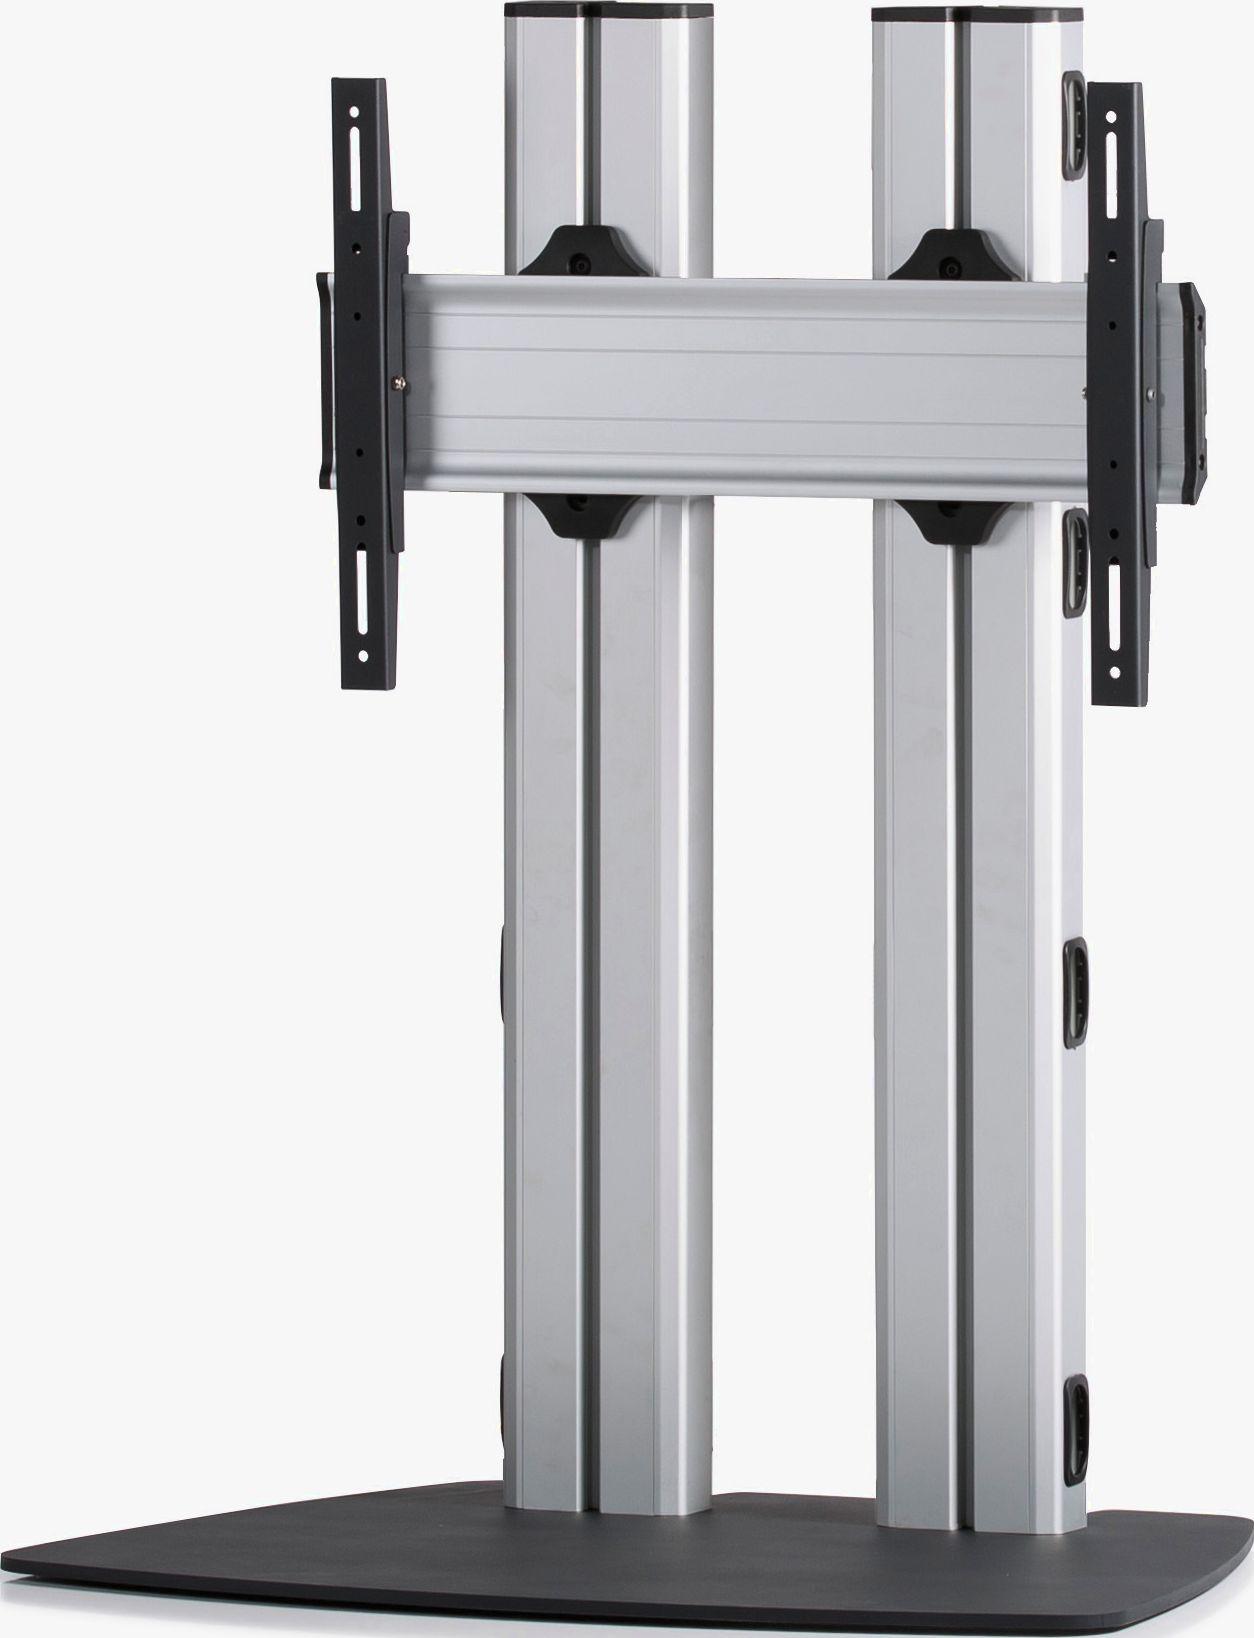 1 Display 1×1, für große Bildschirme, Höhe 110 cm, Standard-VESA, mit Standfuß